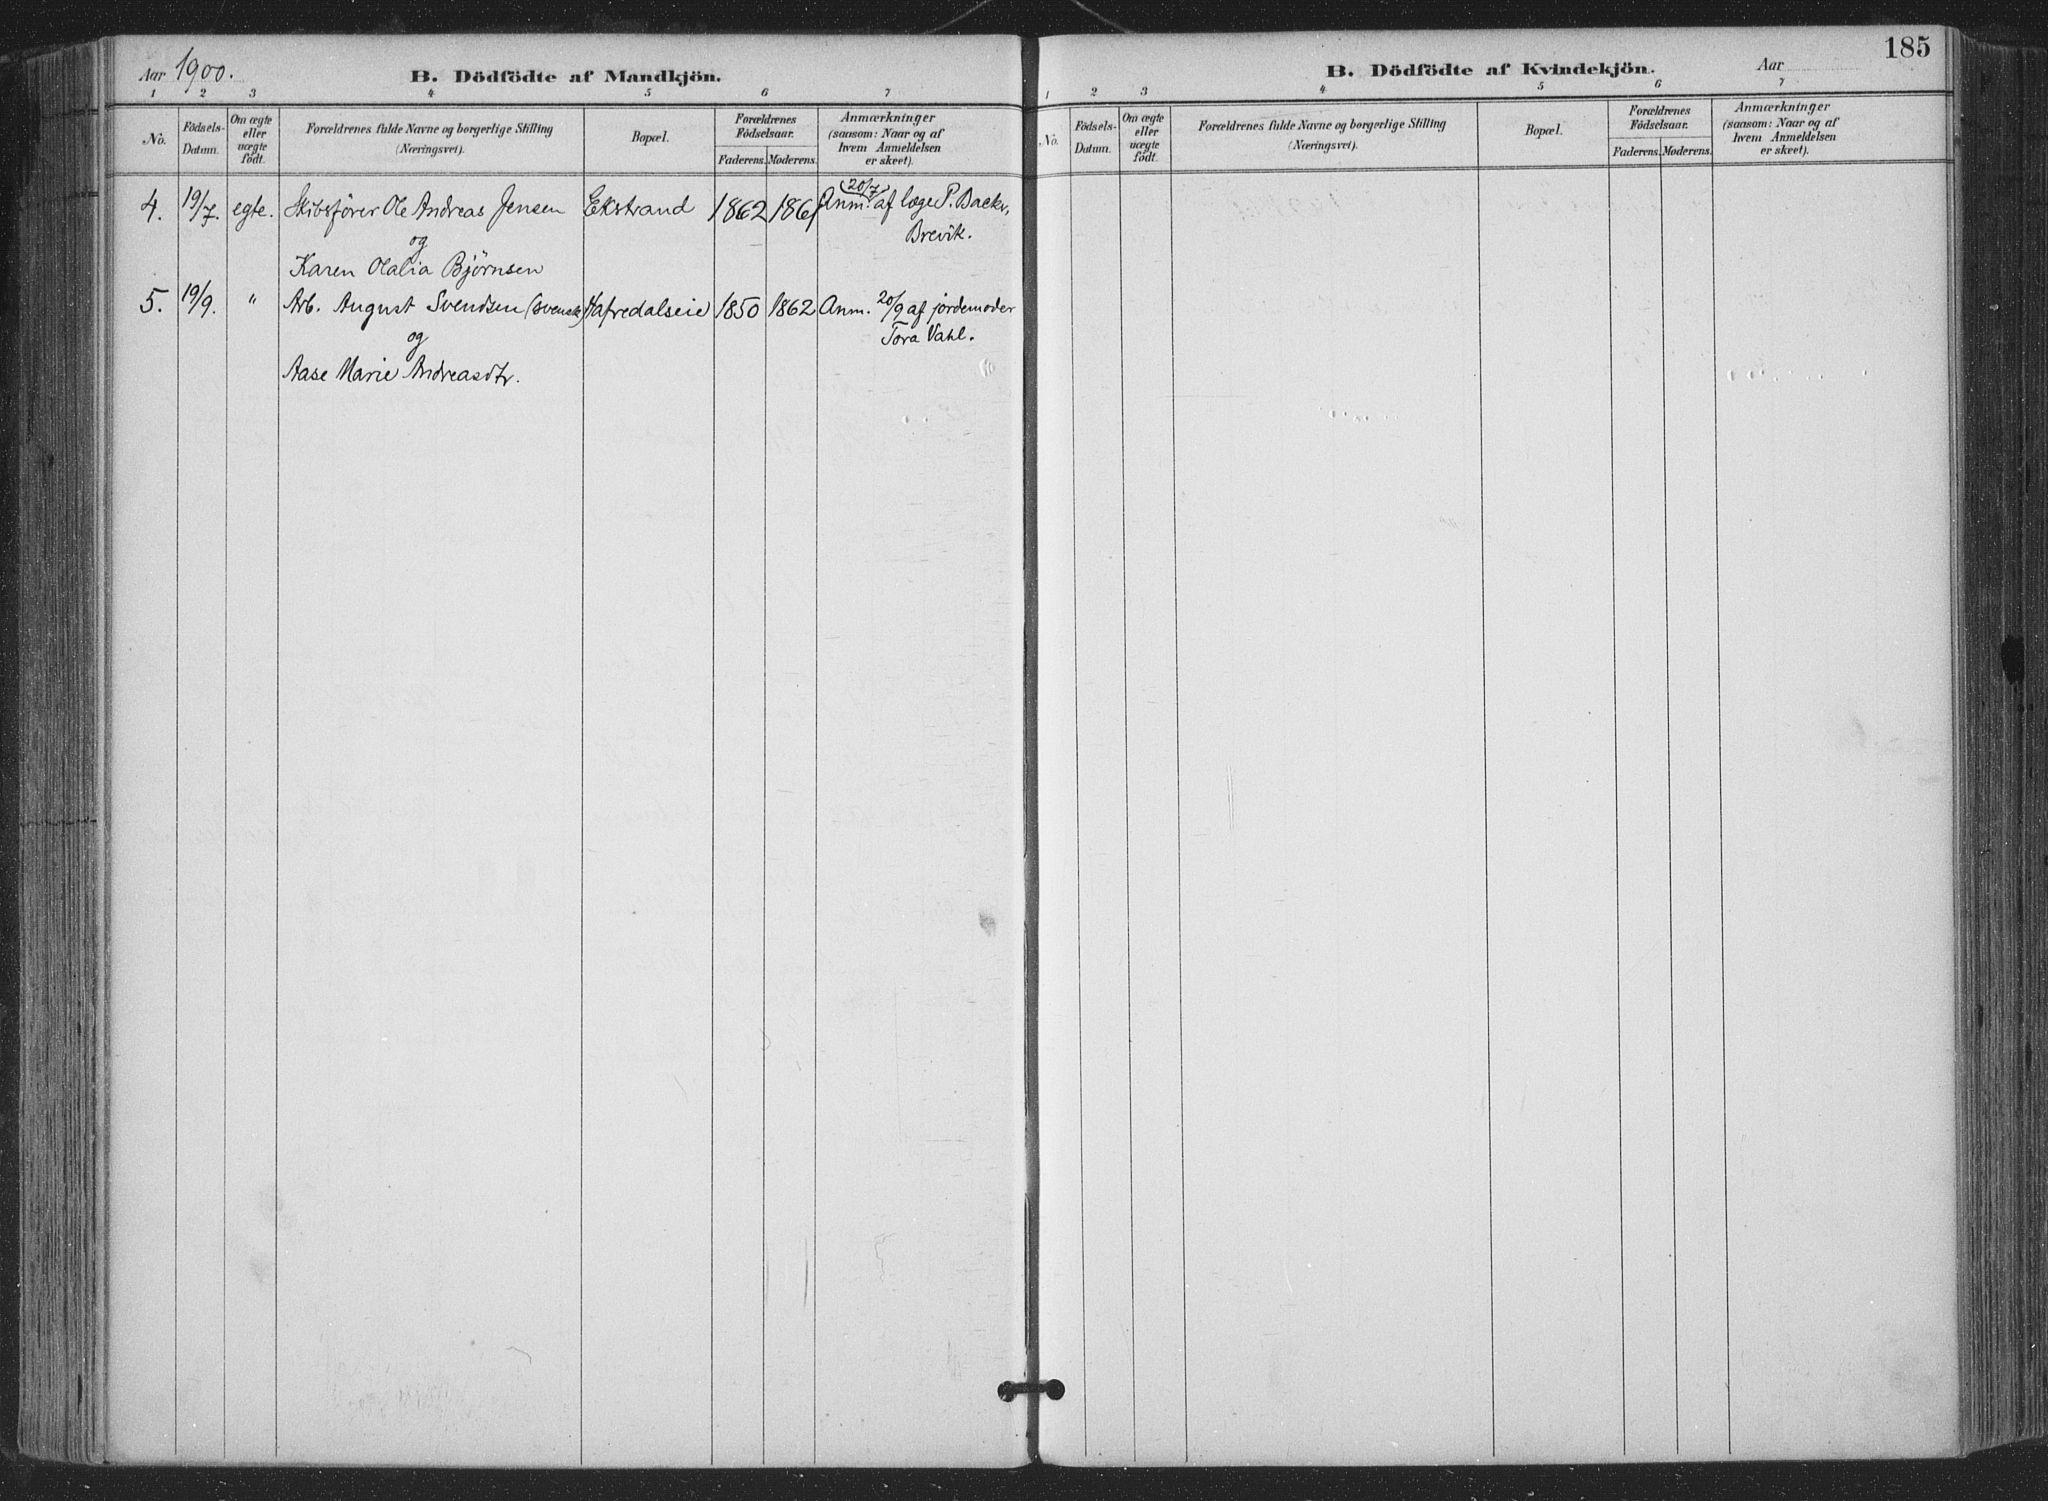 SAKO, Bamble kirkebøker, F/Fa/L0008: Parish register (official) no. I 8, 1888-1900, p. 185